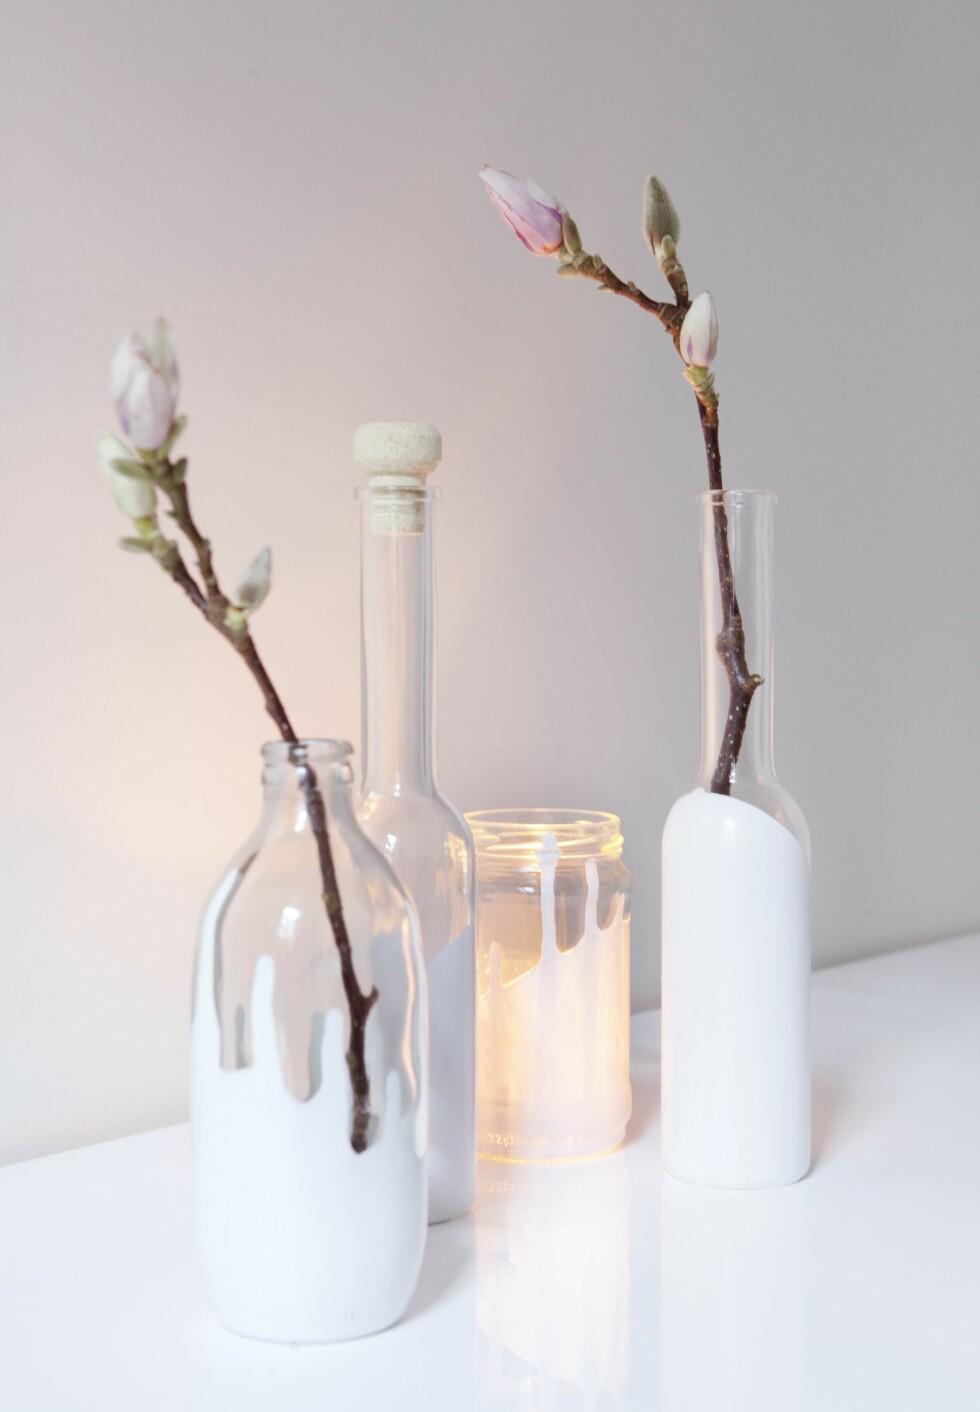 JULEGAVETIPS 1: Vaser dyppet i maling er fine gaver du kan gi til dine nære og kjære!     Foto: All Over Press/ Yvonne Wilhelmsen